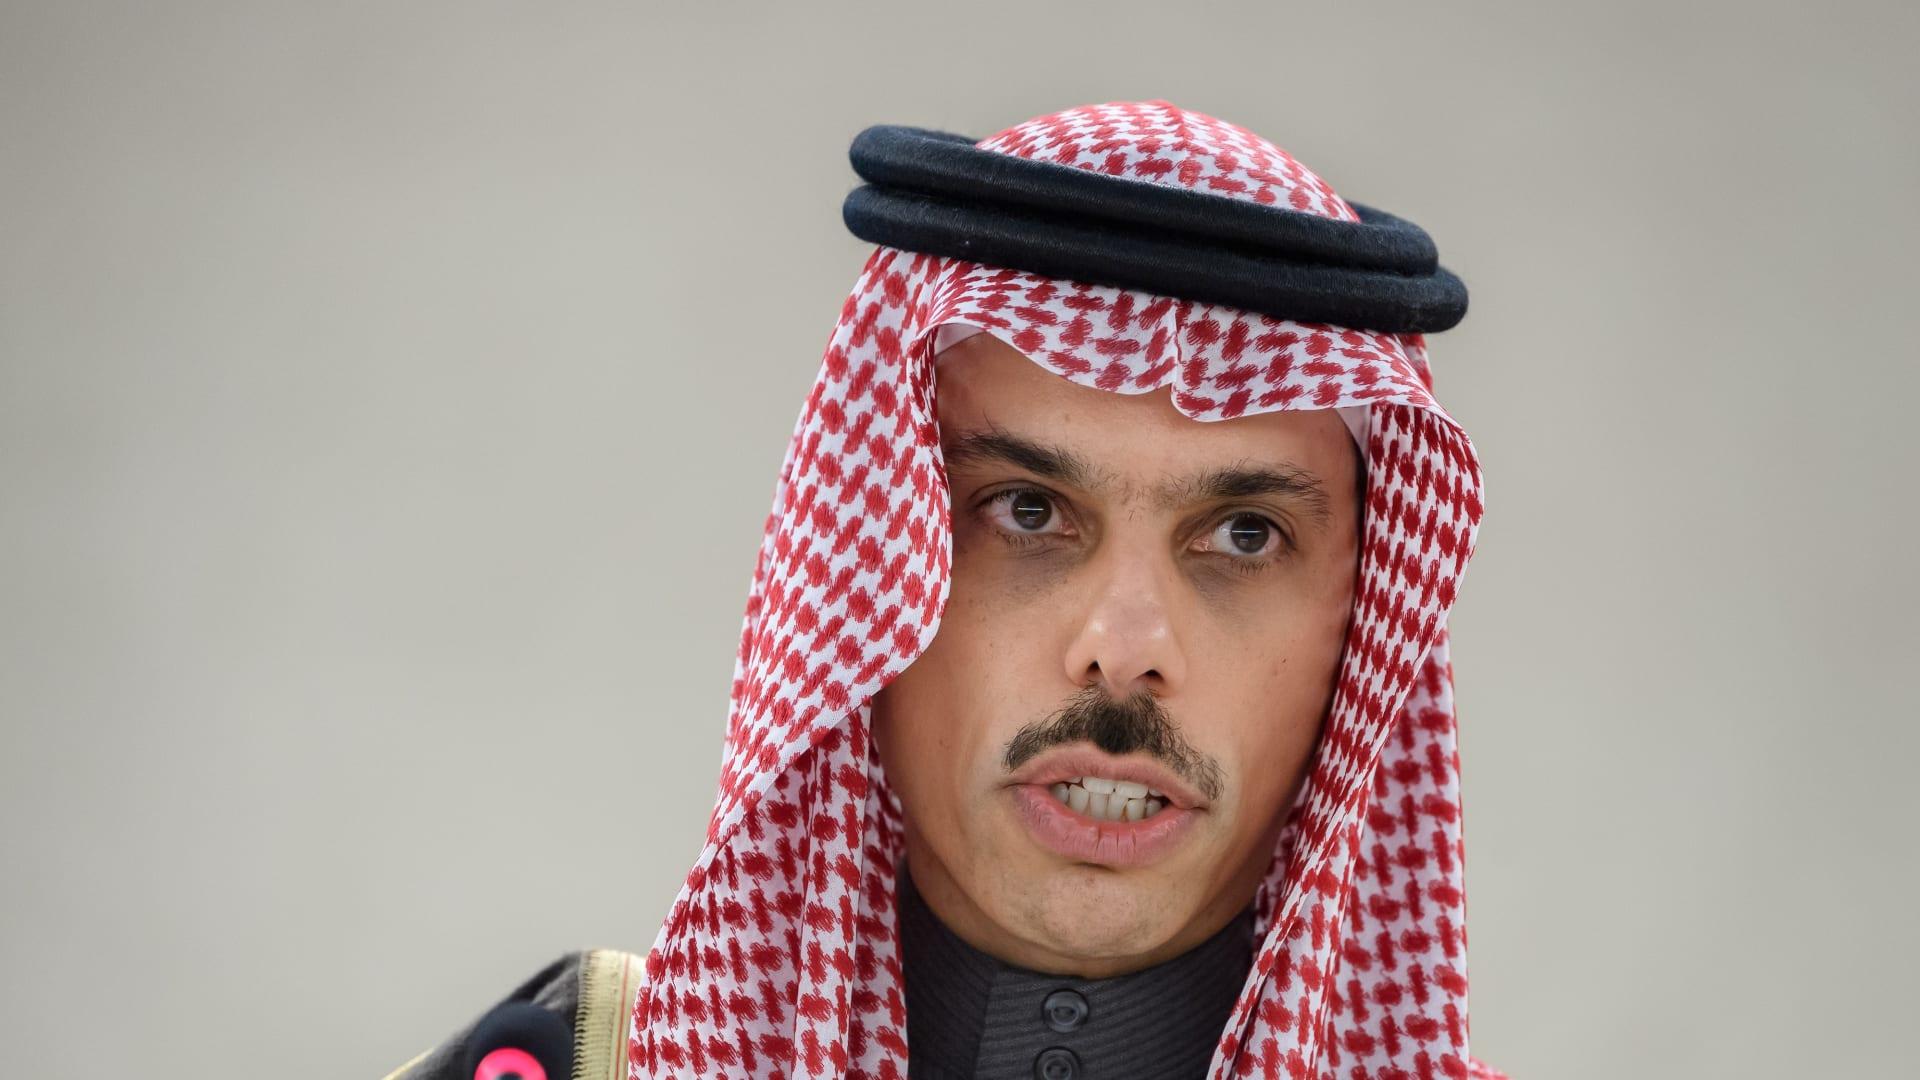 السعودية: نقدر الكفاءة العالية لمصر في التعامل مع حادث قناة السويس.. ونقف معها بكافة إمكاناتنا